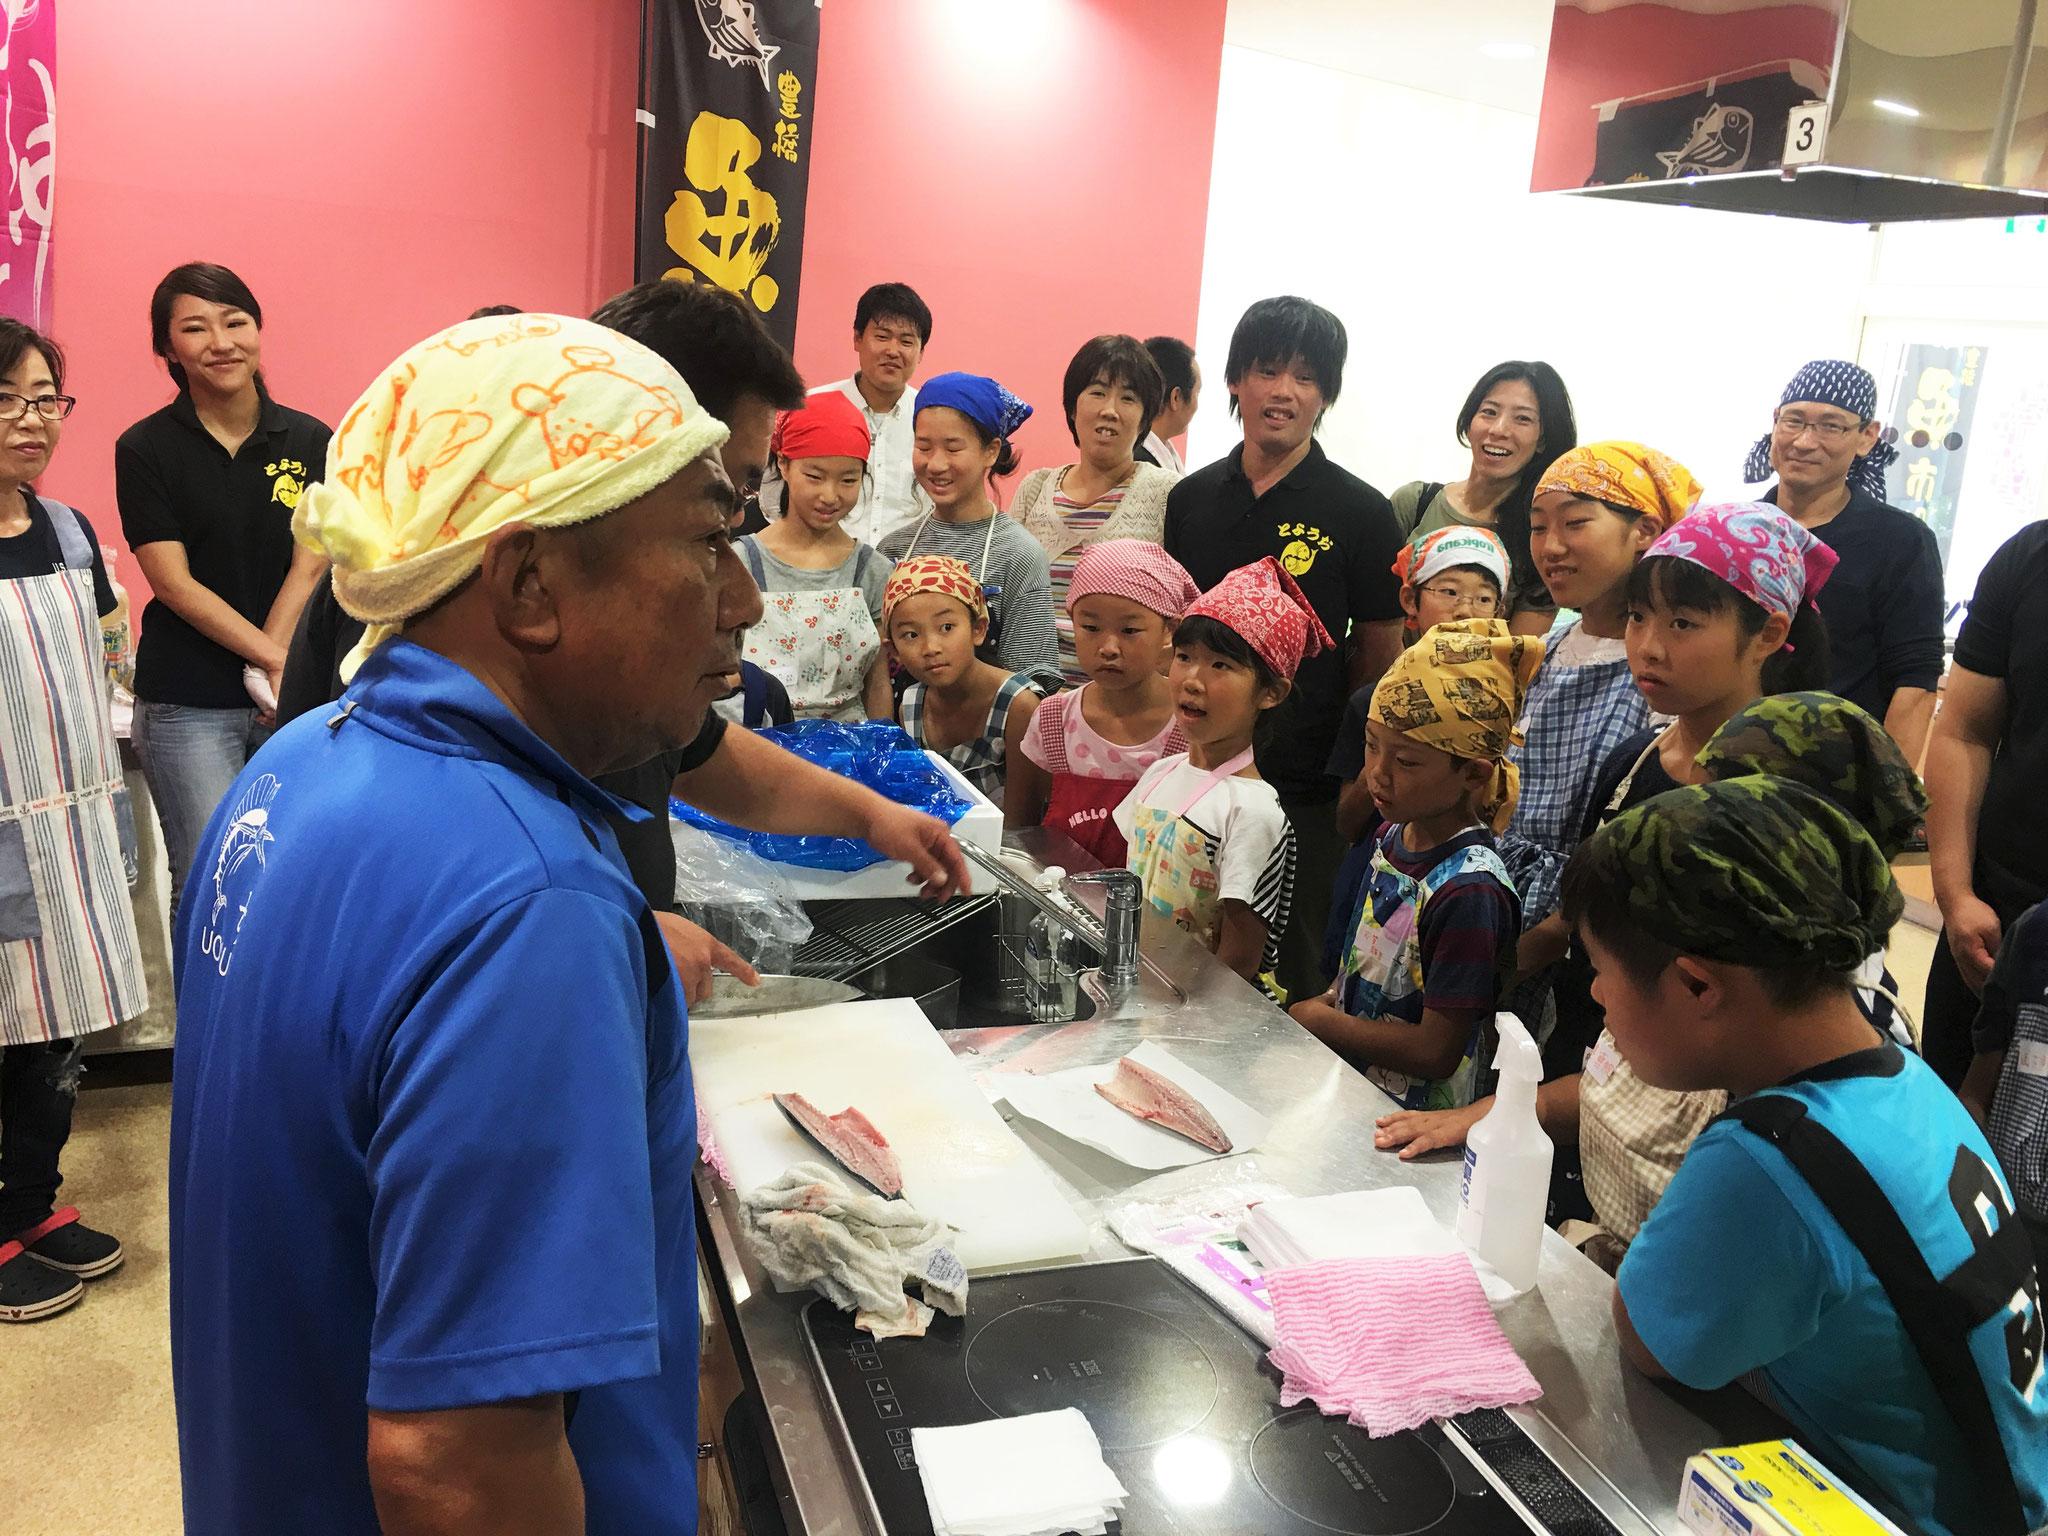 さあはじめよう! 講師の魚末商店、中村さんが熱く指導!